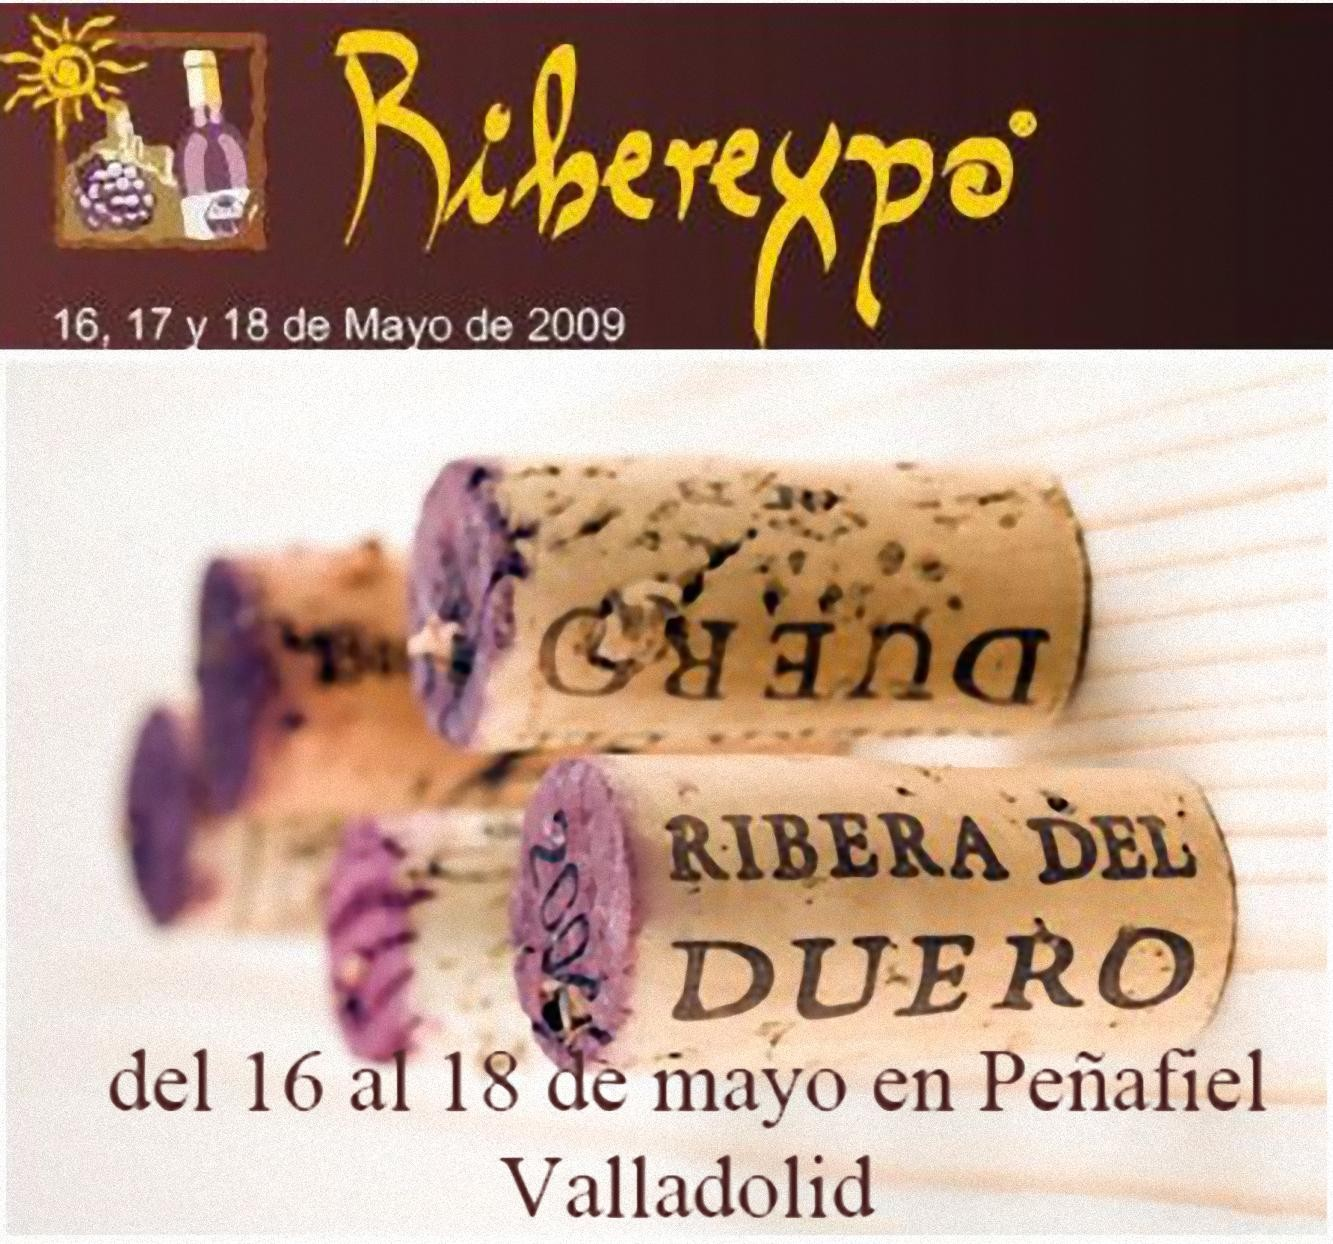 Cartel Riberexpo 2009